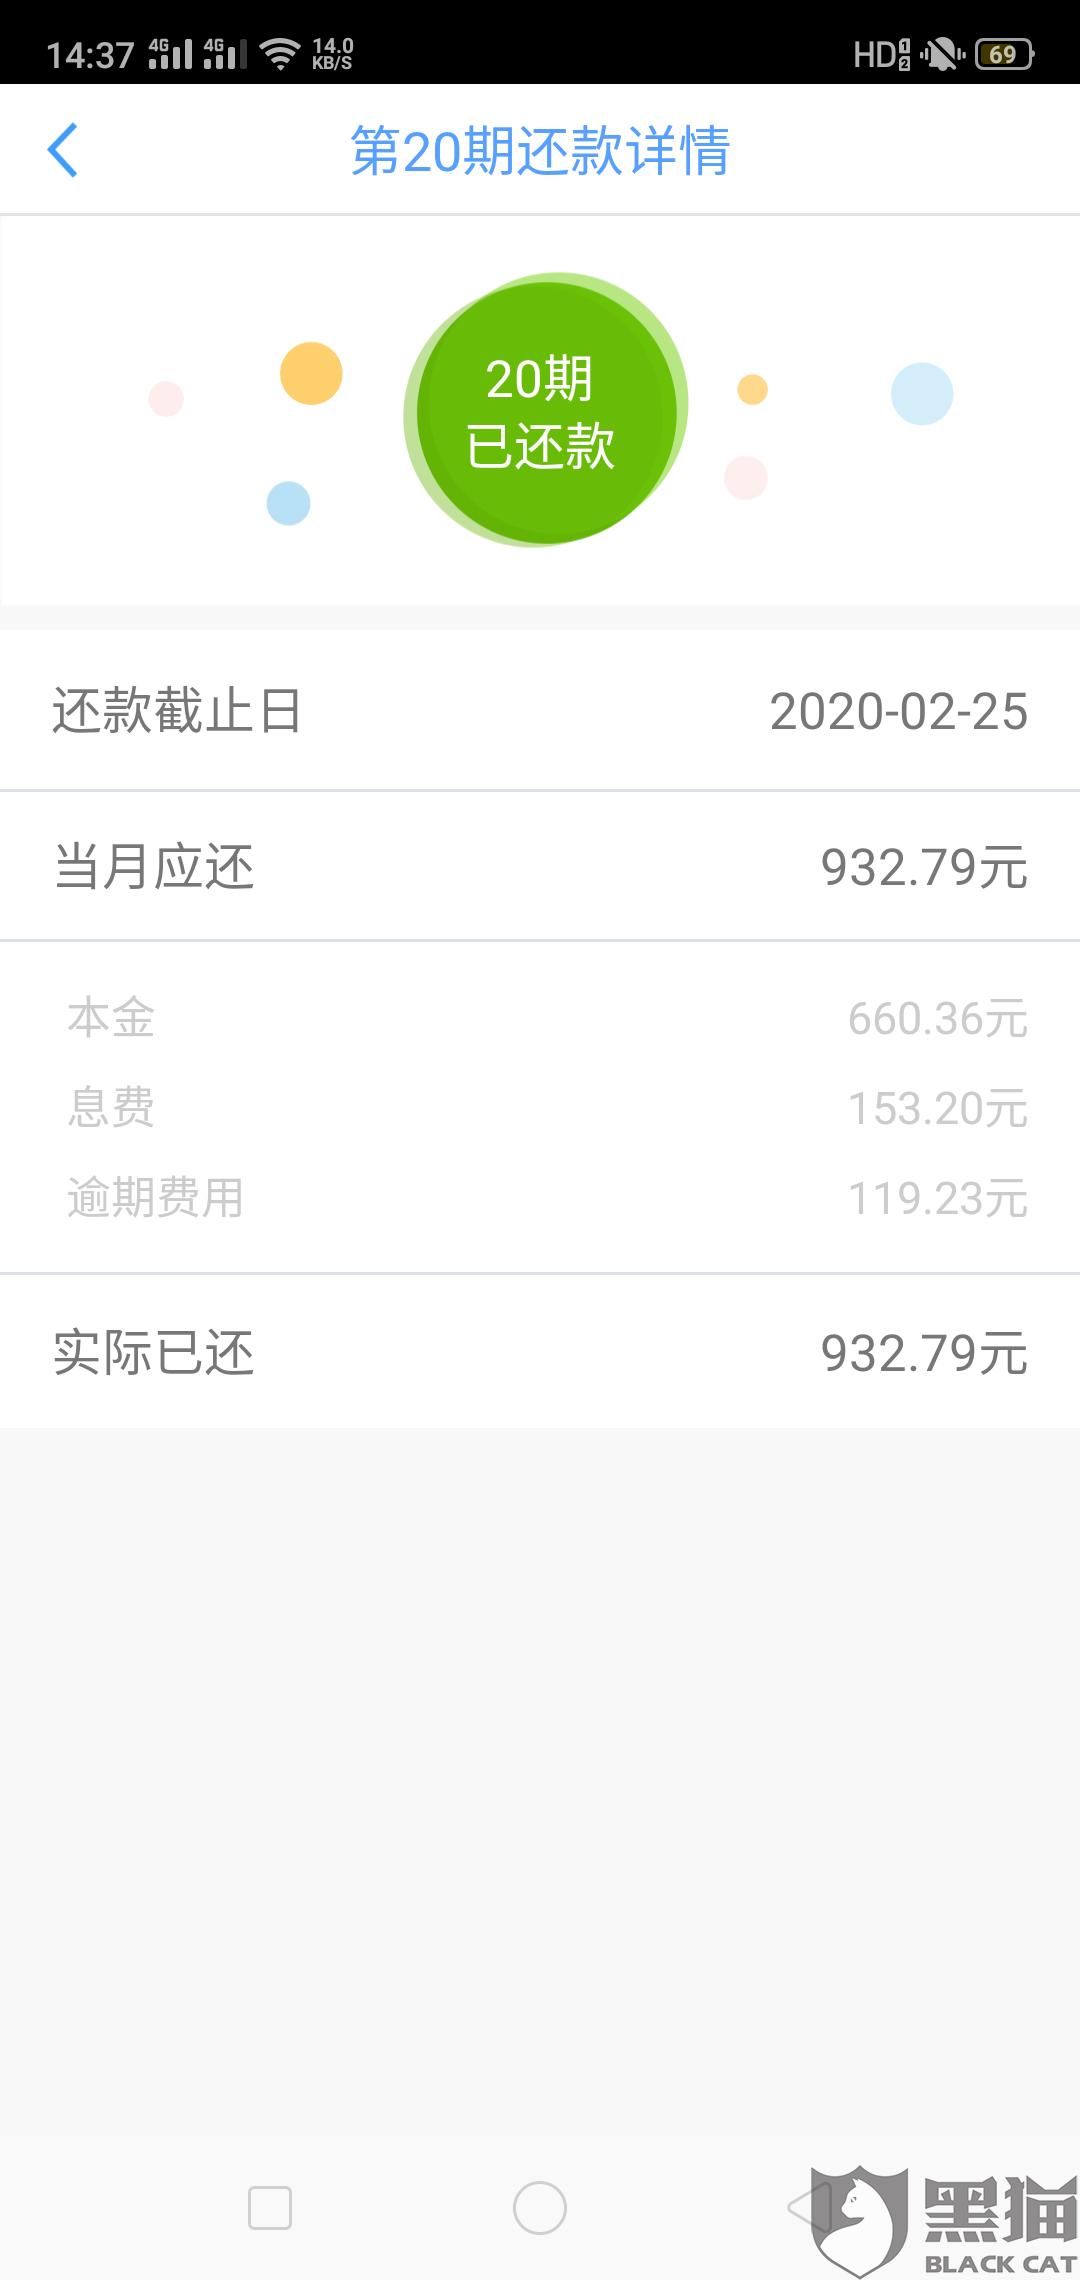 黑猫投诉:宜信公司宜人贷逾期一天利息高达119.23